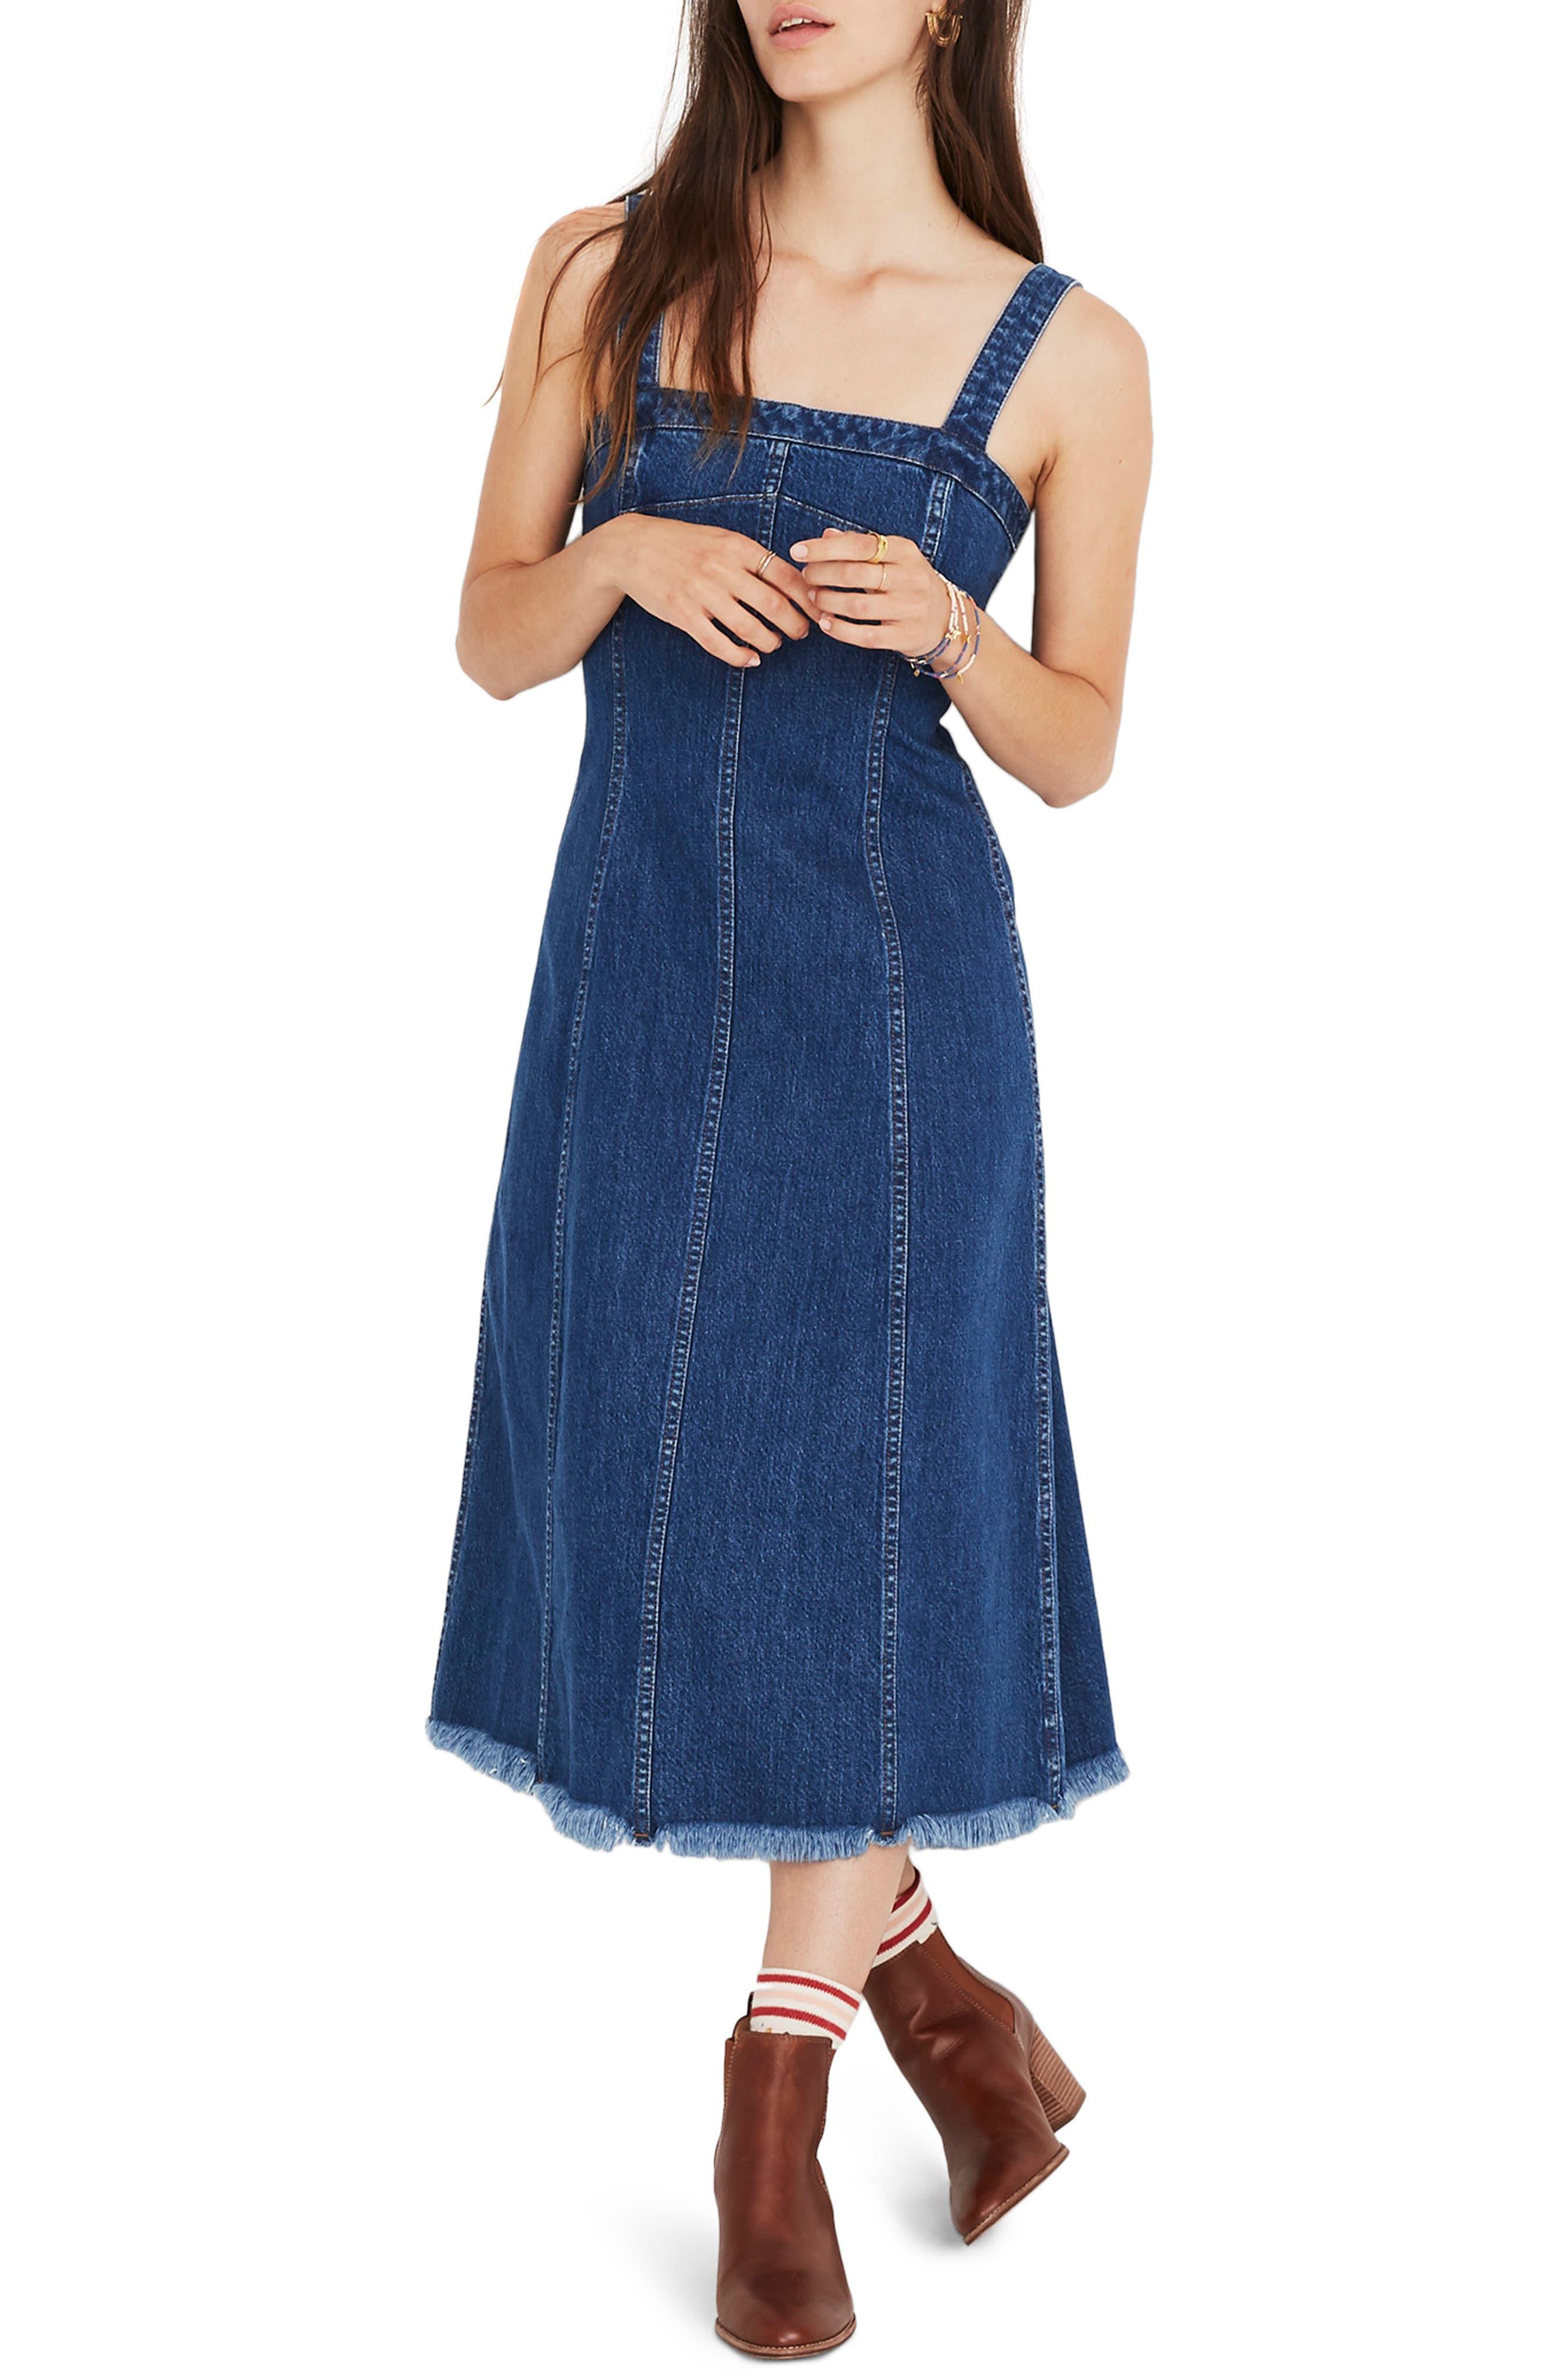 70s Dresses – Disco Dresses, Hippie Dresses, Wrap Dresses Womens Madewell Raw Hem Seamed Denim Dress $82.80 AT vintagedancer.com